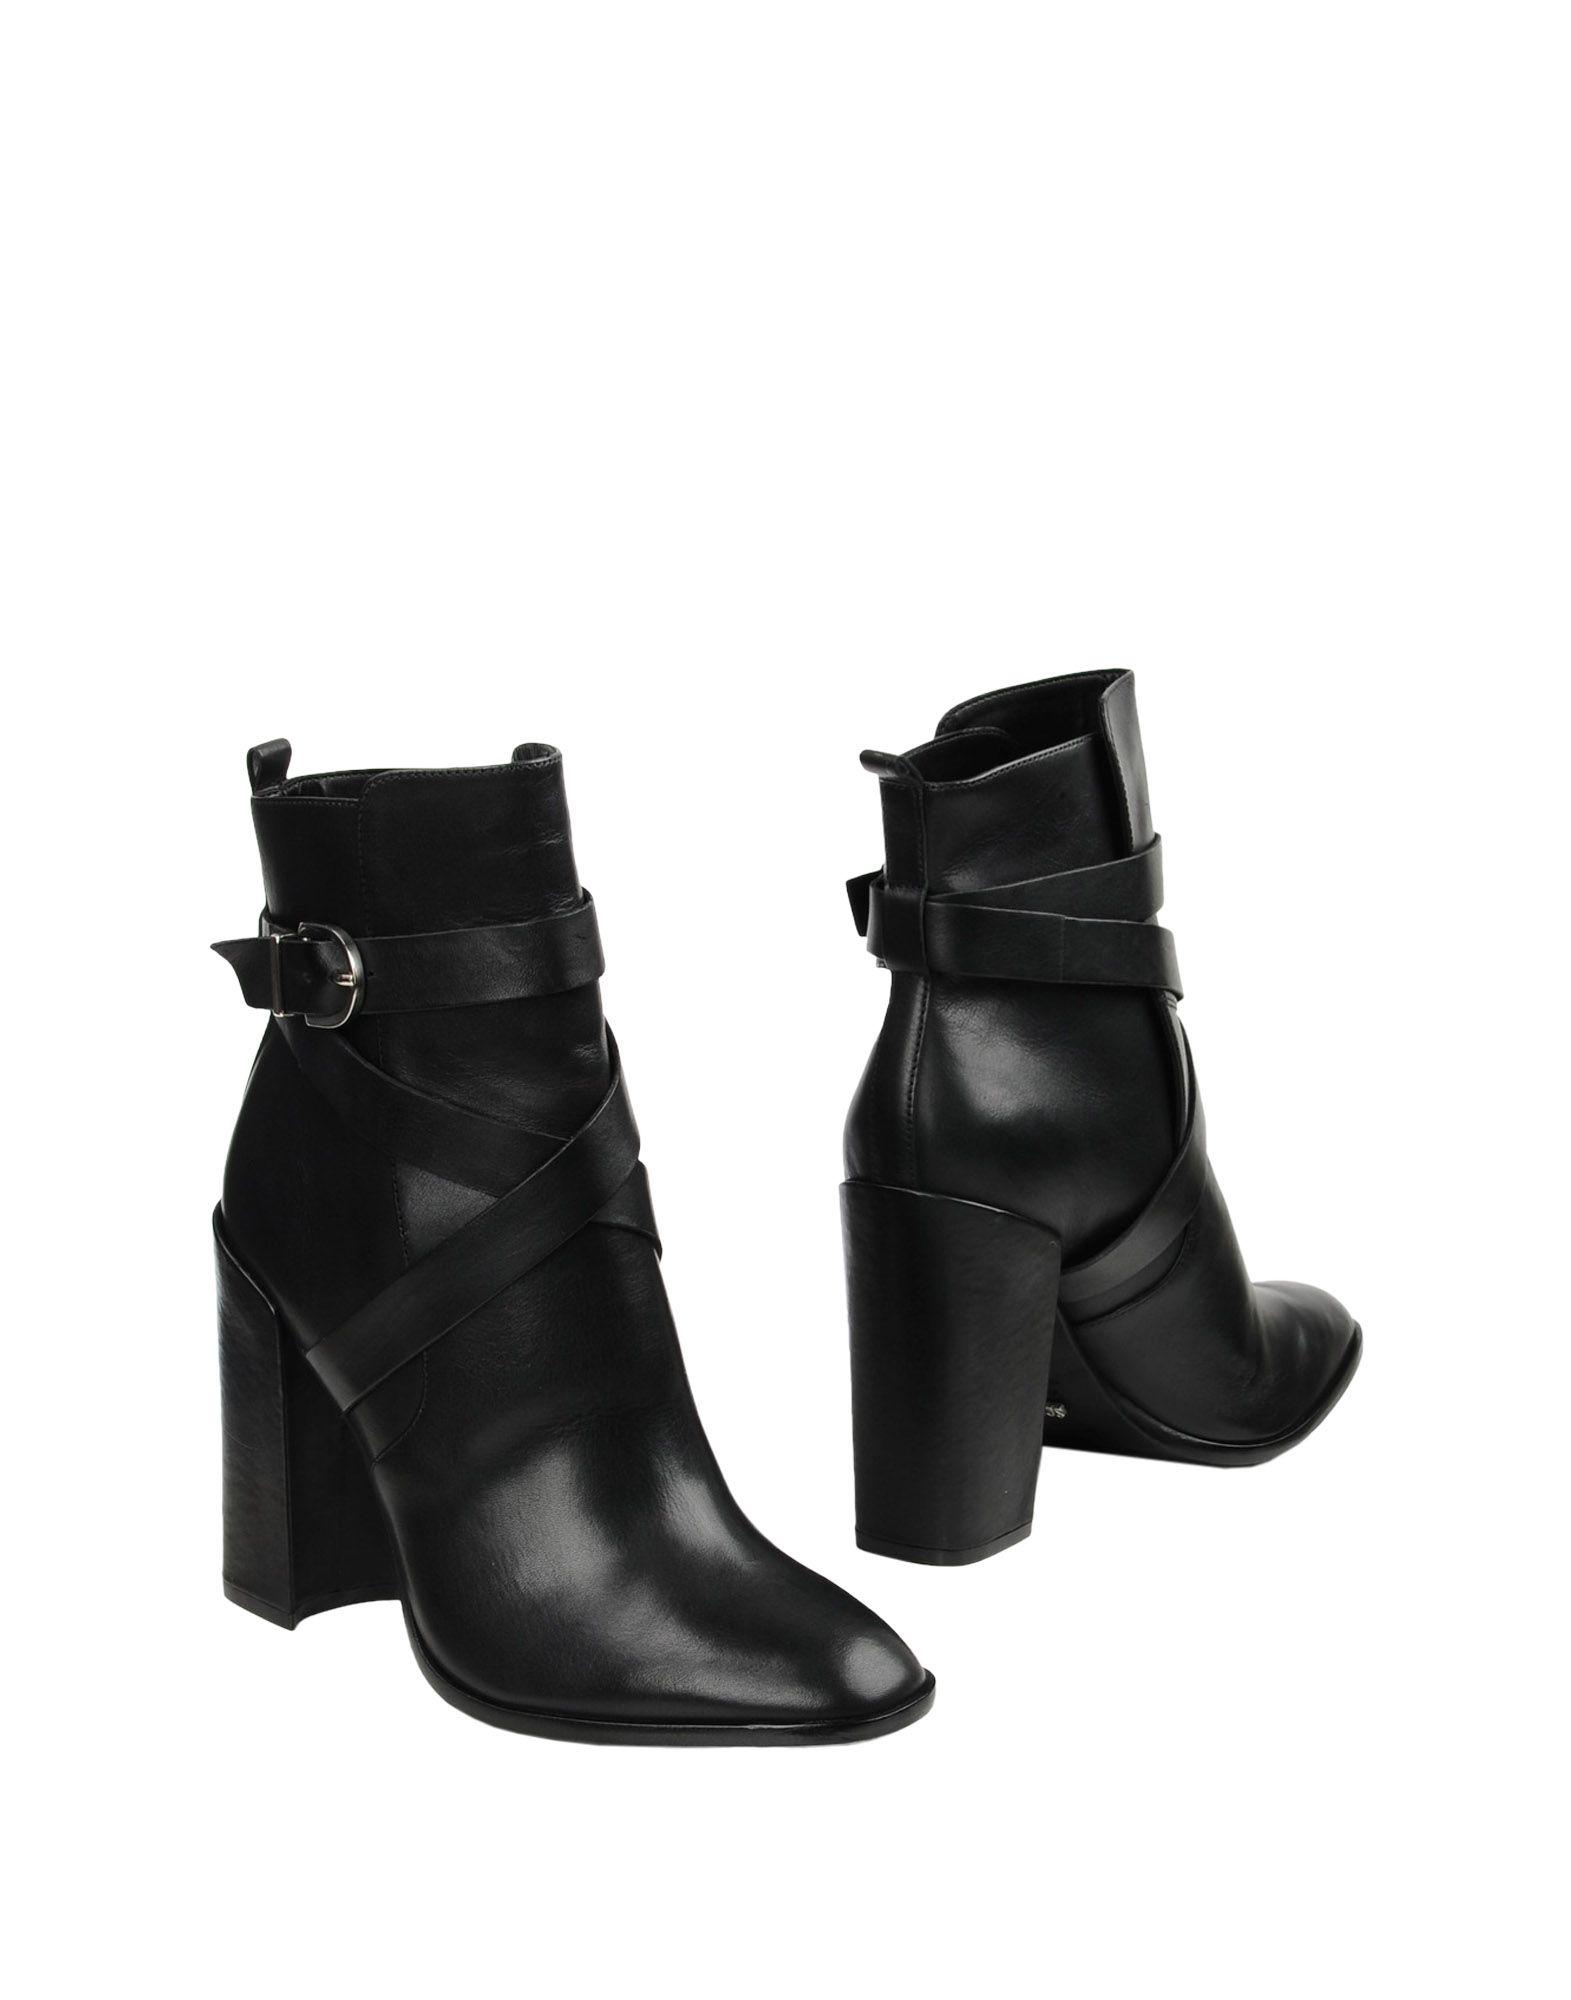 Schutz Stiefelette Damen  11364057WPGut aussehende strapazierfähige Schuhe